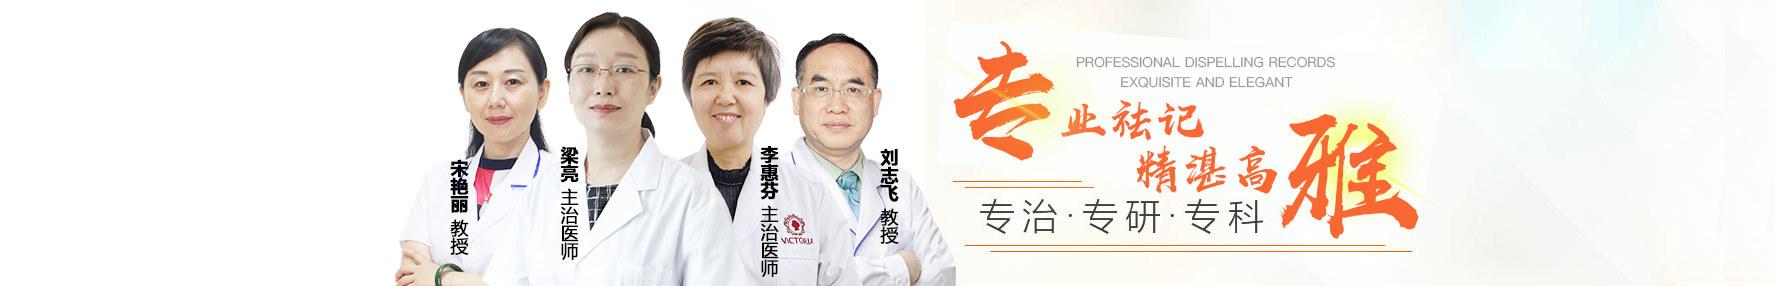 南京胎记医院